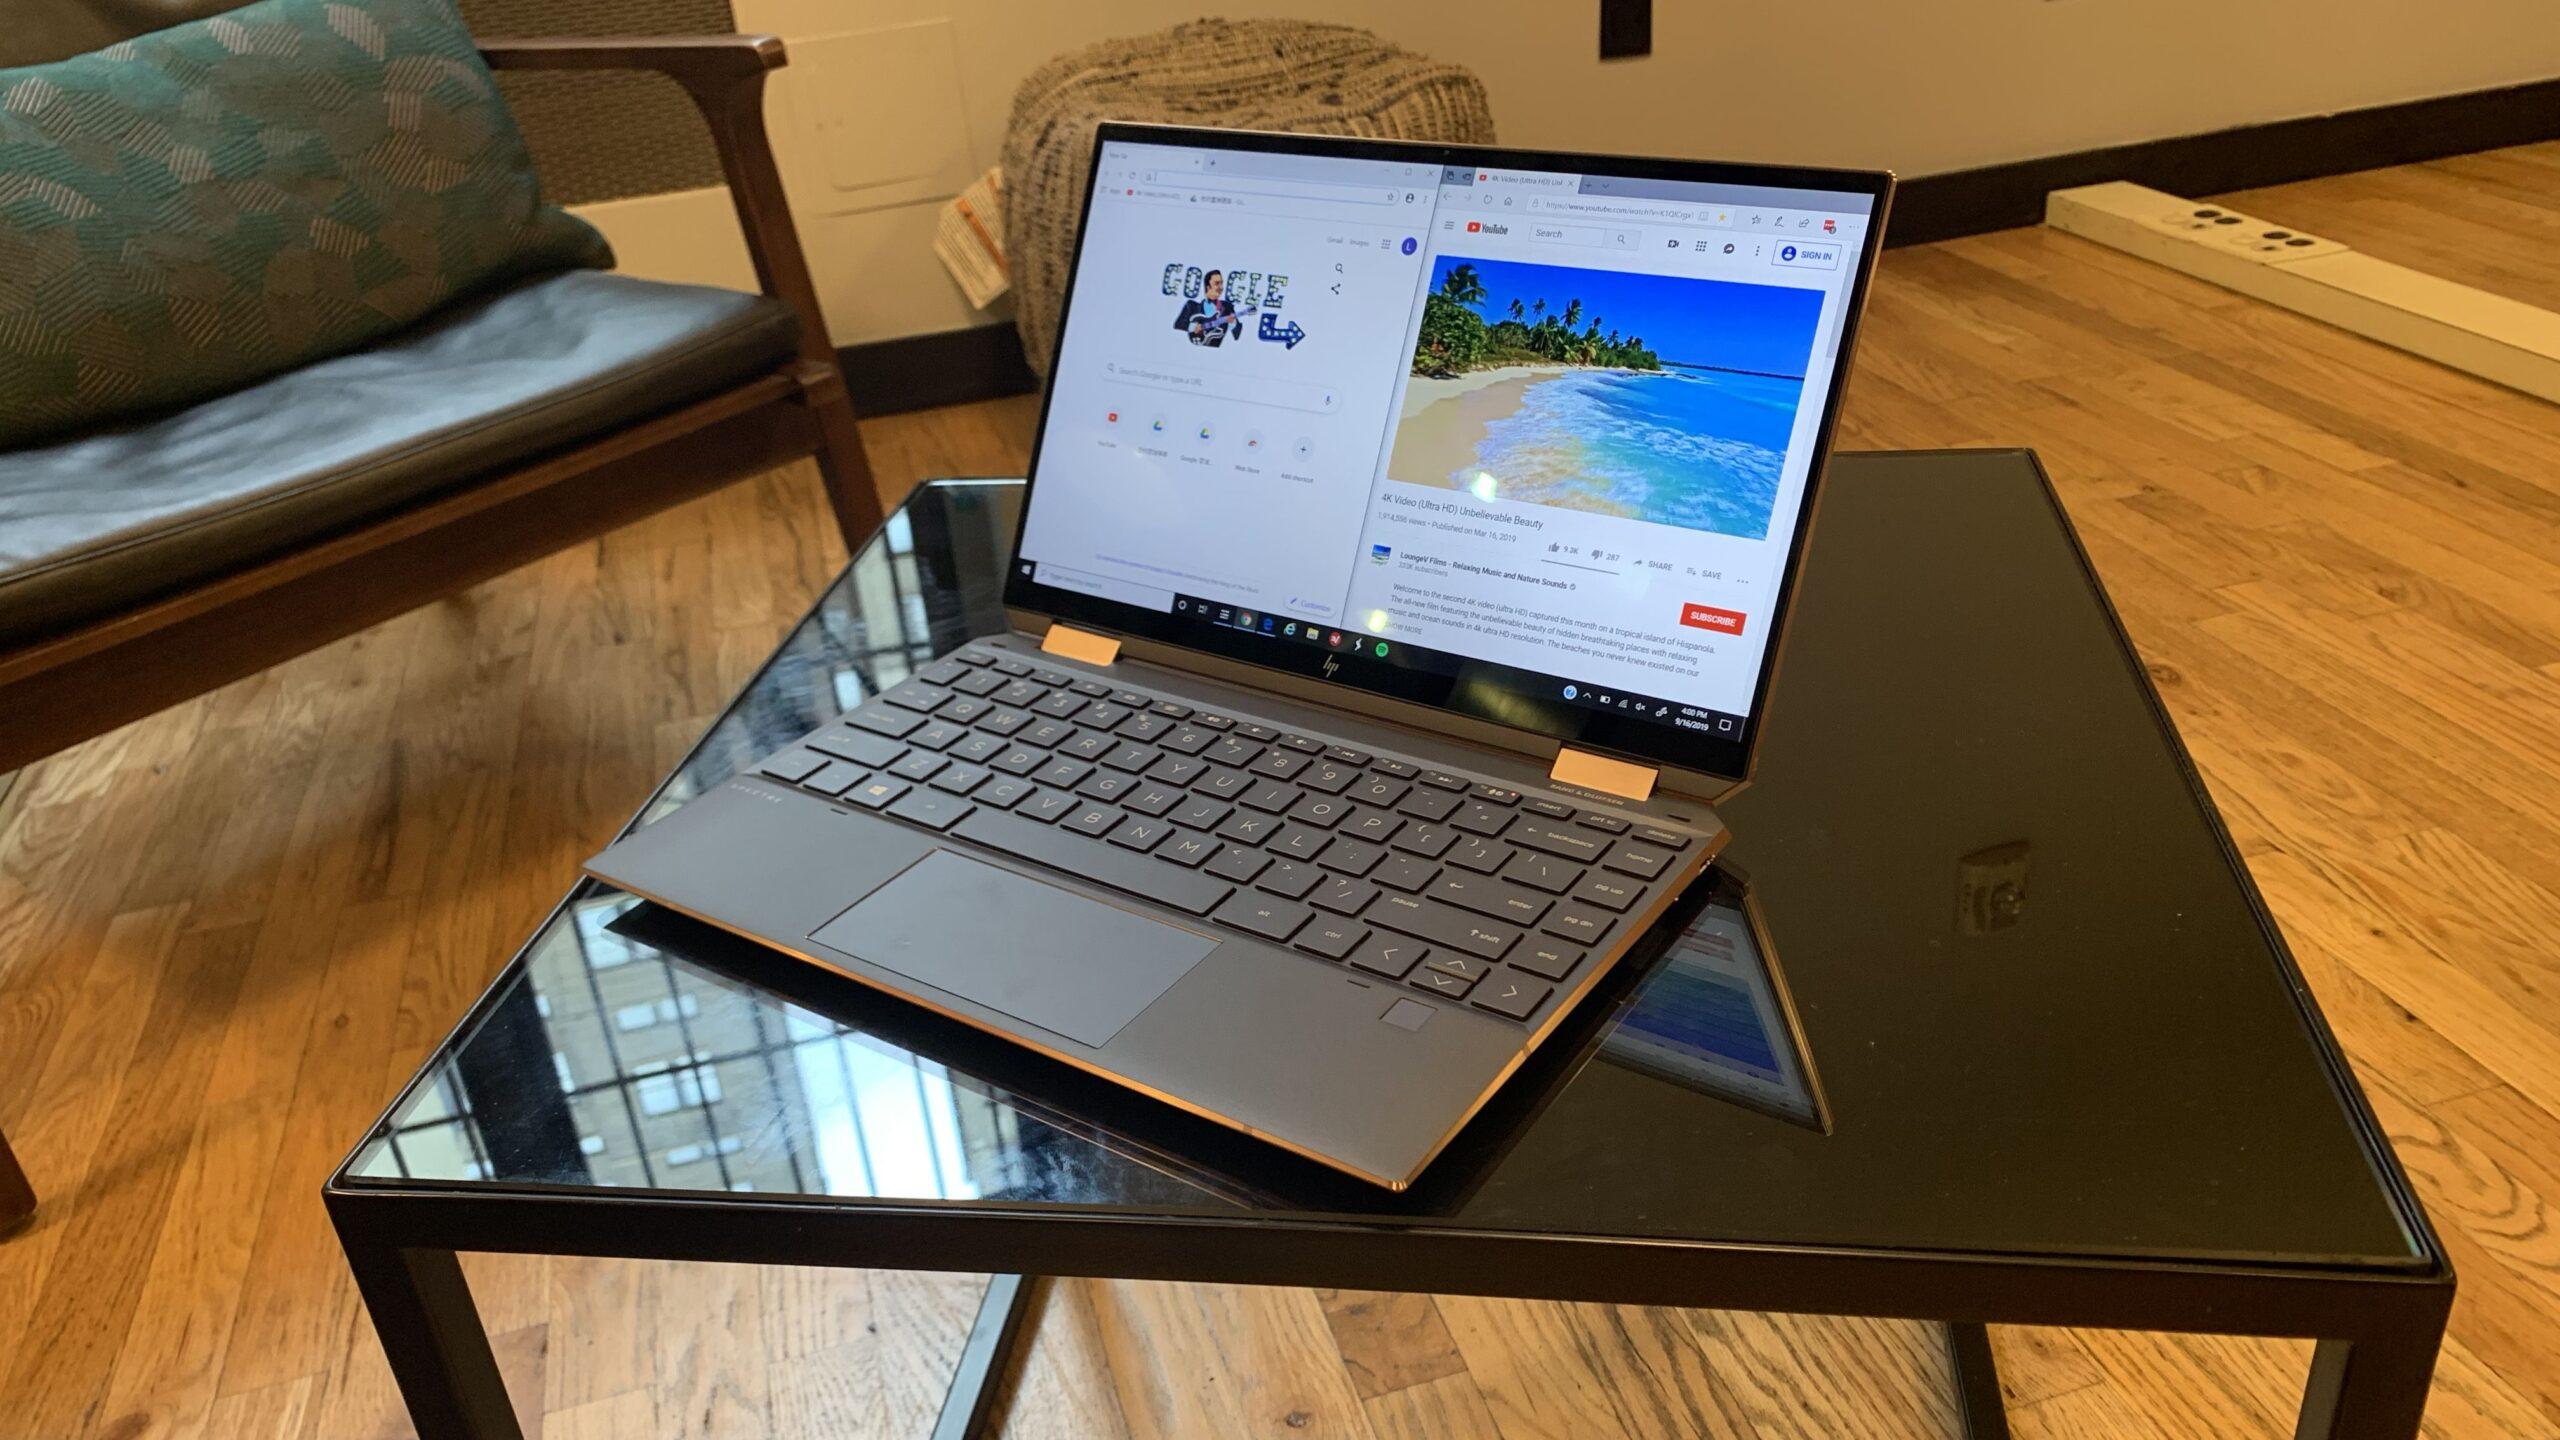 Best Laptop for Around $200